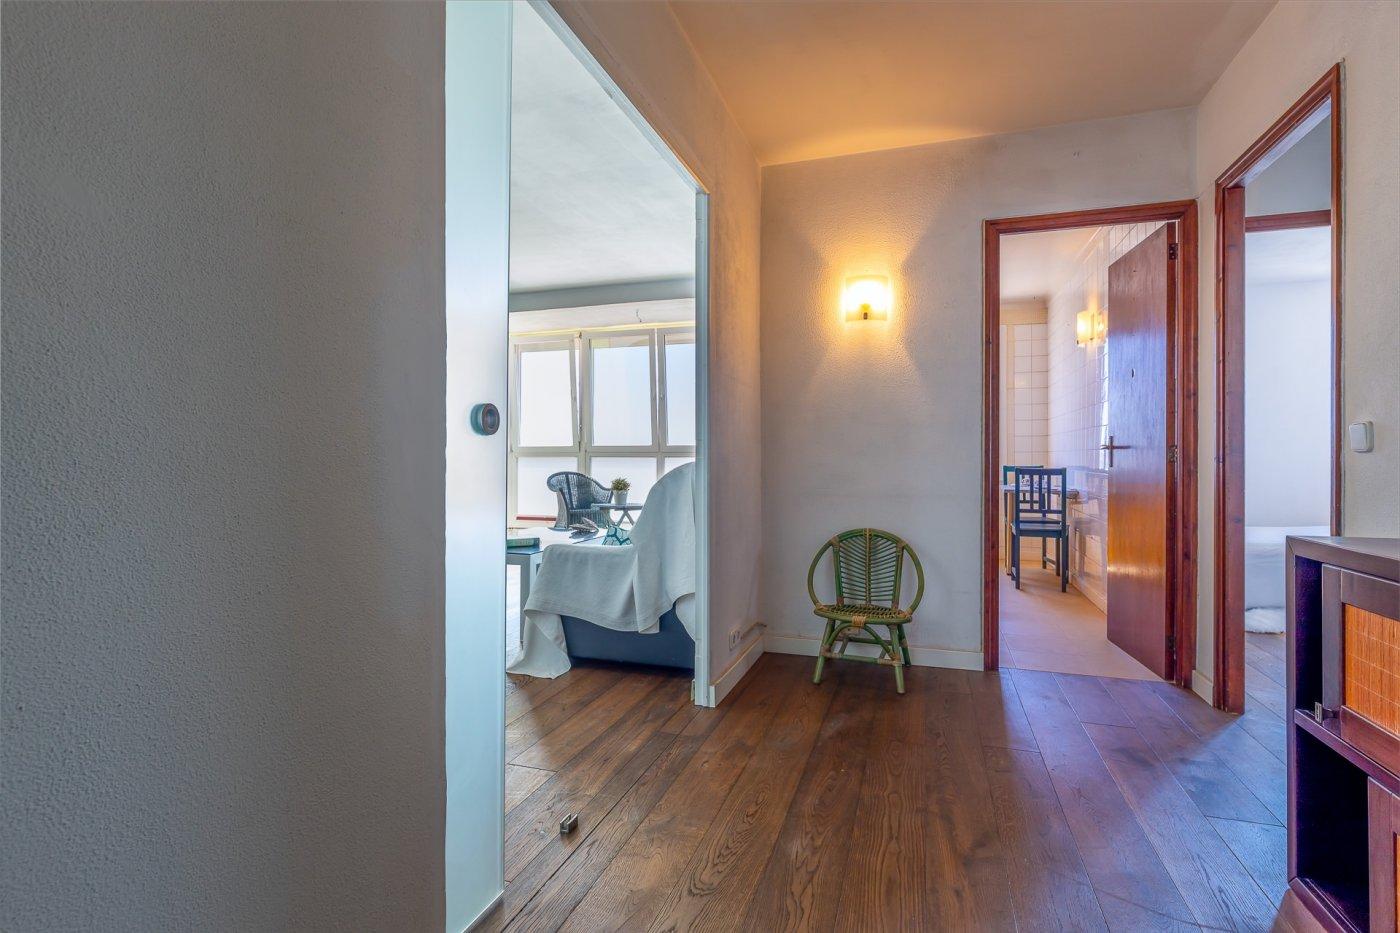 Coqueto apartamento cerca de porto pi, palma - imagenInmueble8